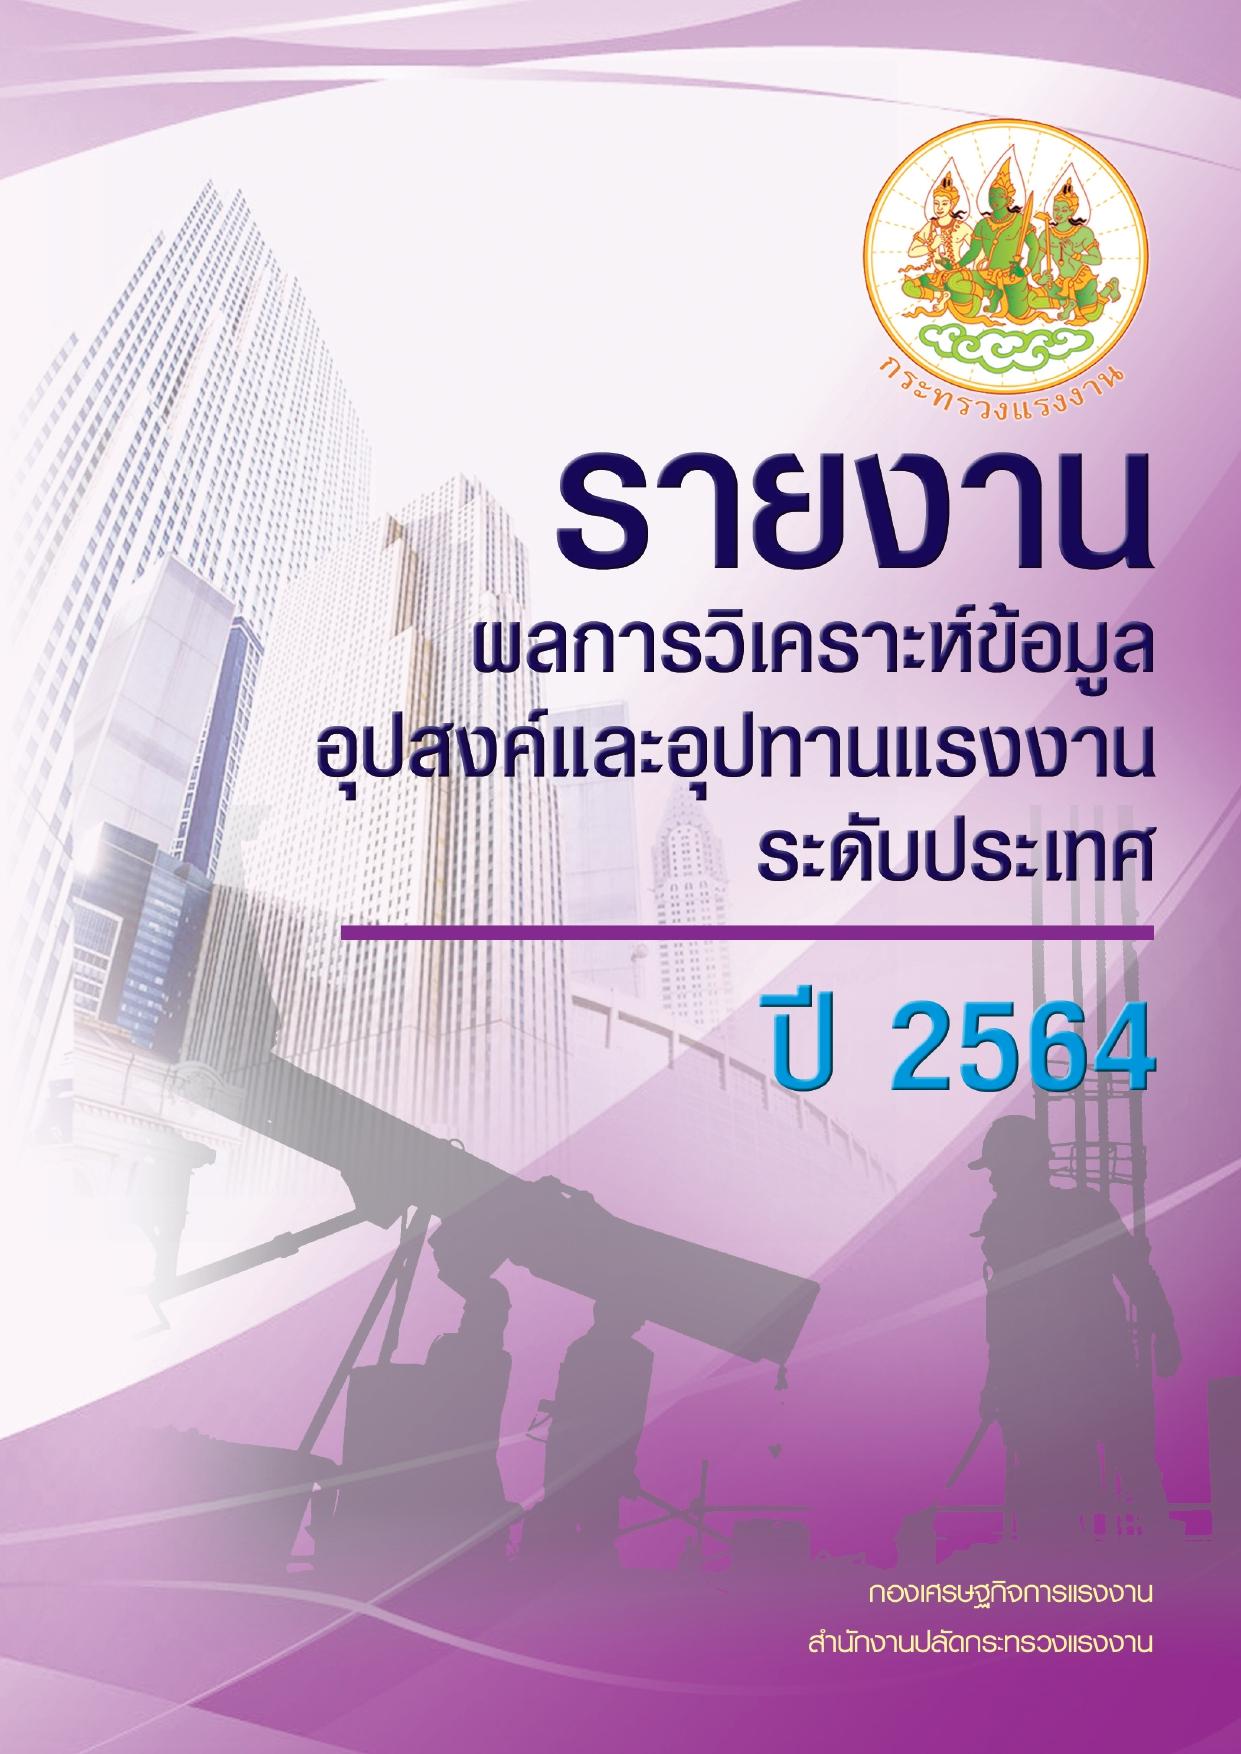 รายงานผลการวิเคราะห์ข้อมูลอุปสงค์และอุปทานแรงงาน ระดับประเทศ ปี ๒๕๖๔